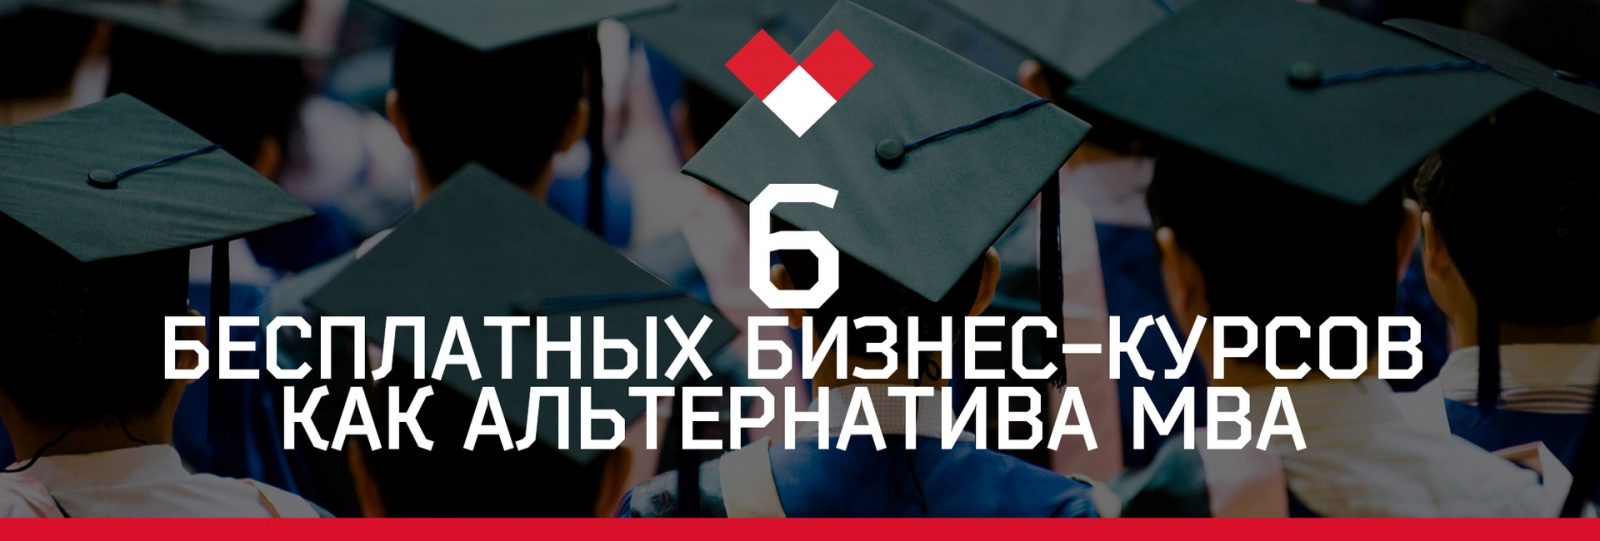 6 бесплатных бизнес-курсов как альтернатива MBA - 1